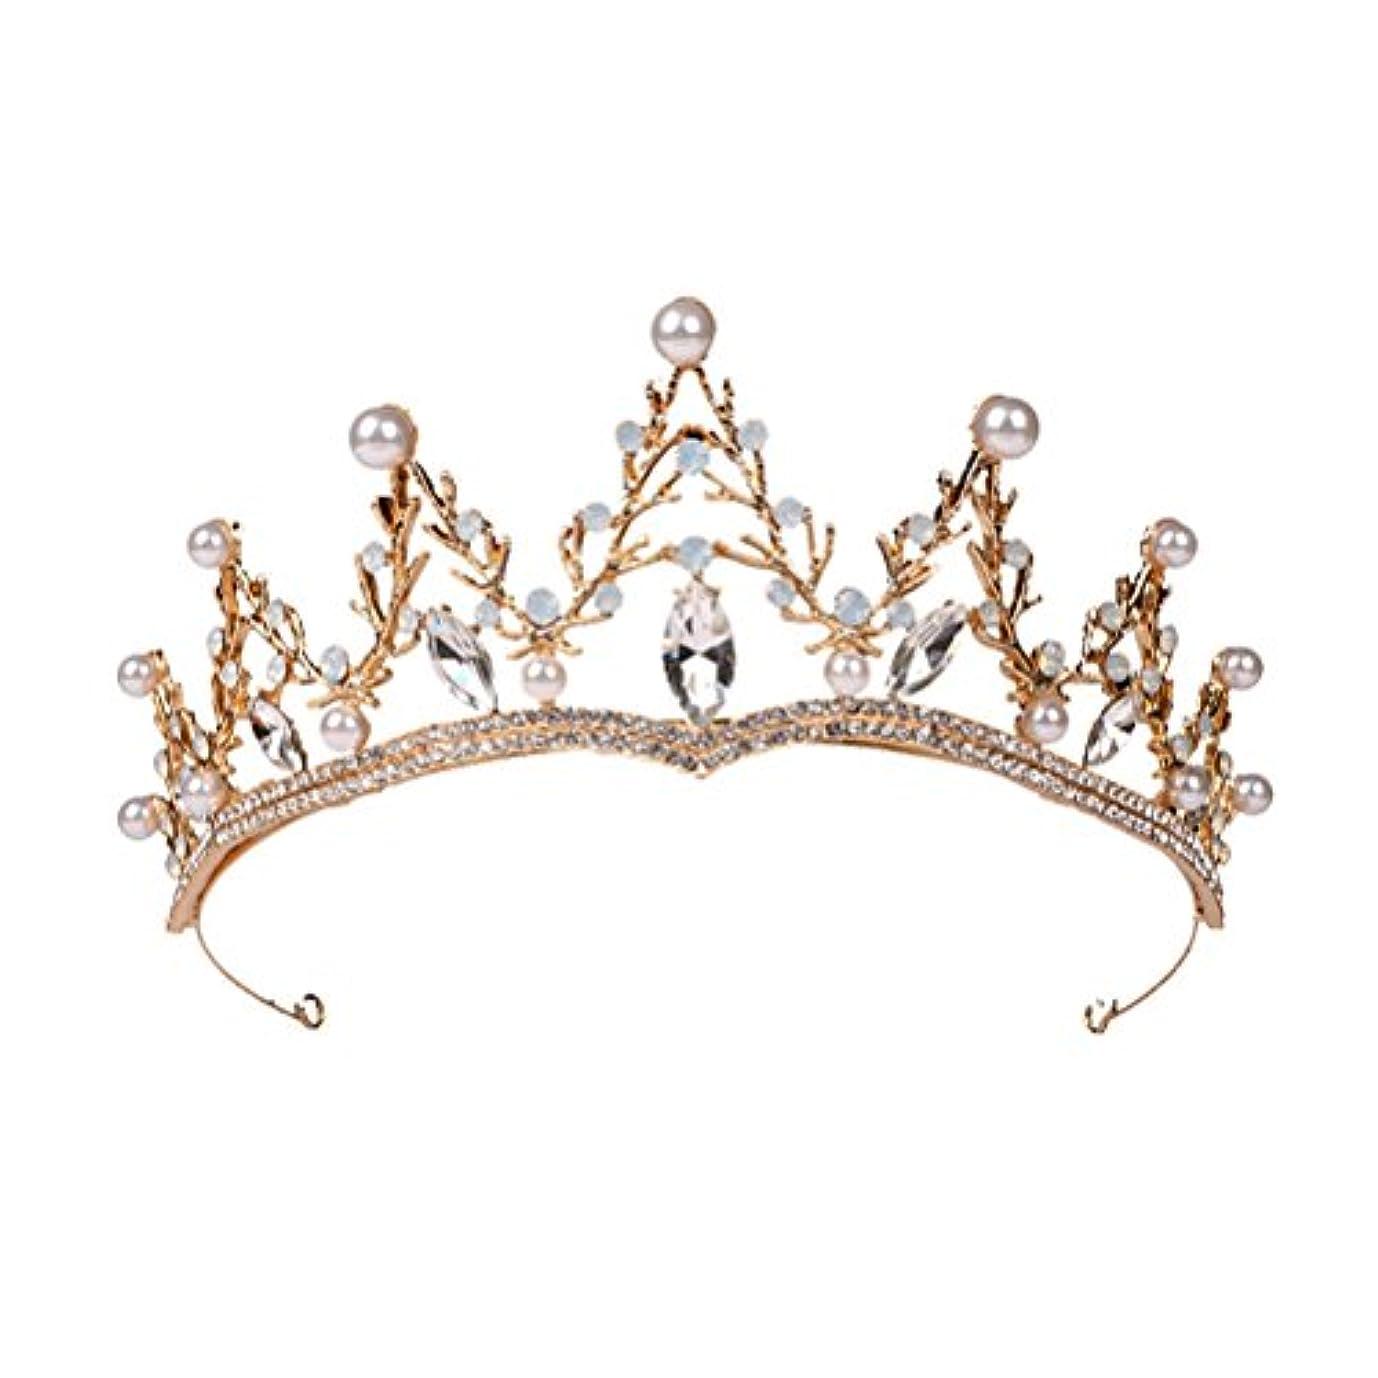 苦難プラグ上院議員LUOEM ブライダル ティアラ ヘアバンド 花嫁 結婚式 ウェディング 王冠 クラウン クリスタル 髪飾り ヘアアクセサリー(ゴールド)